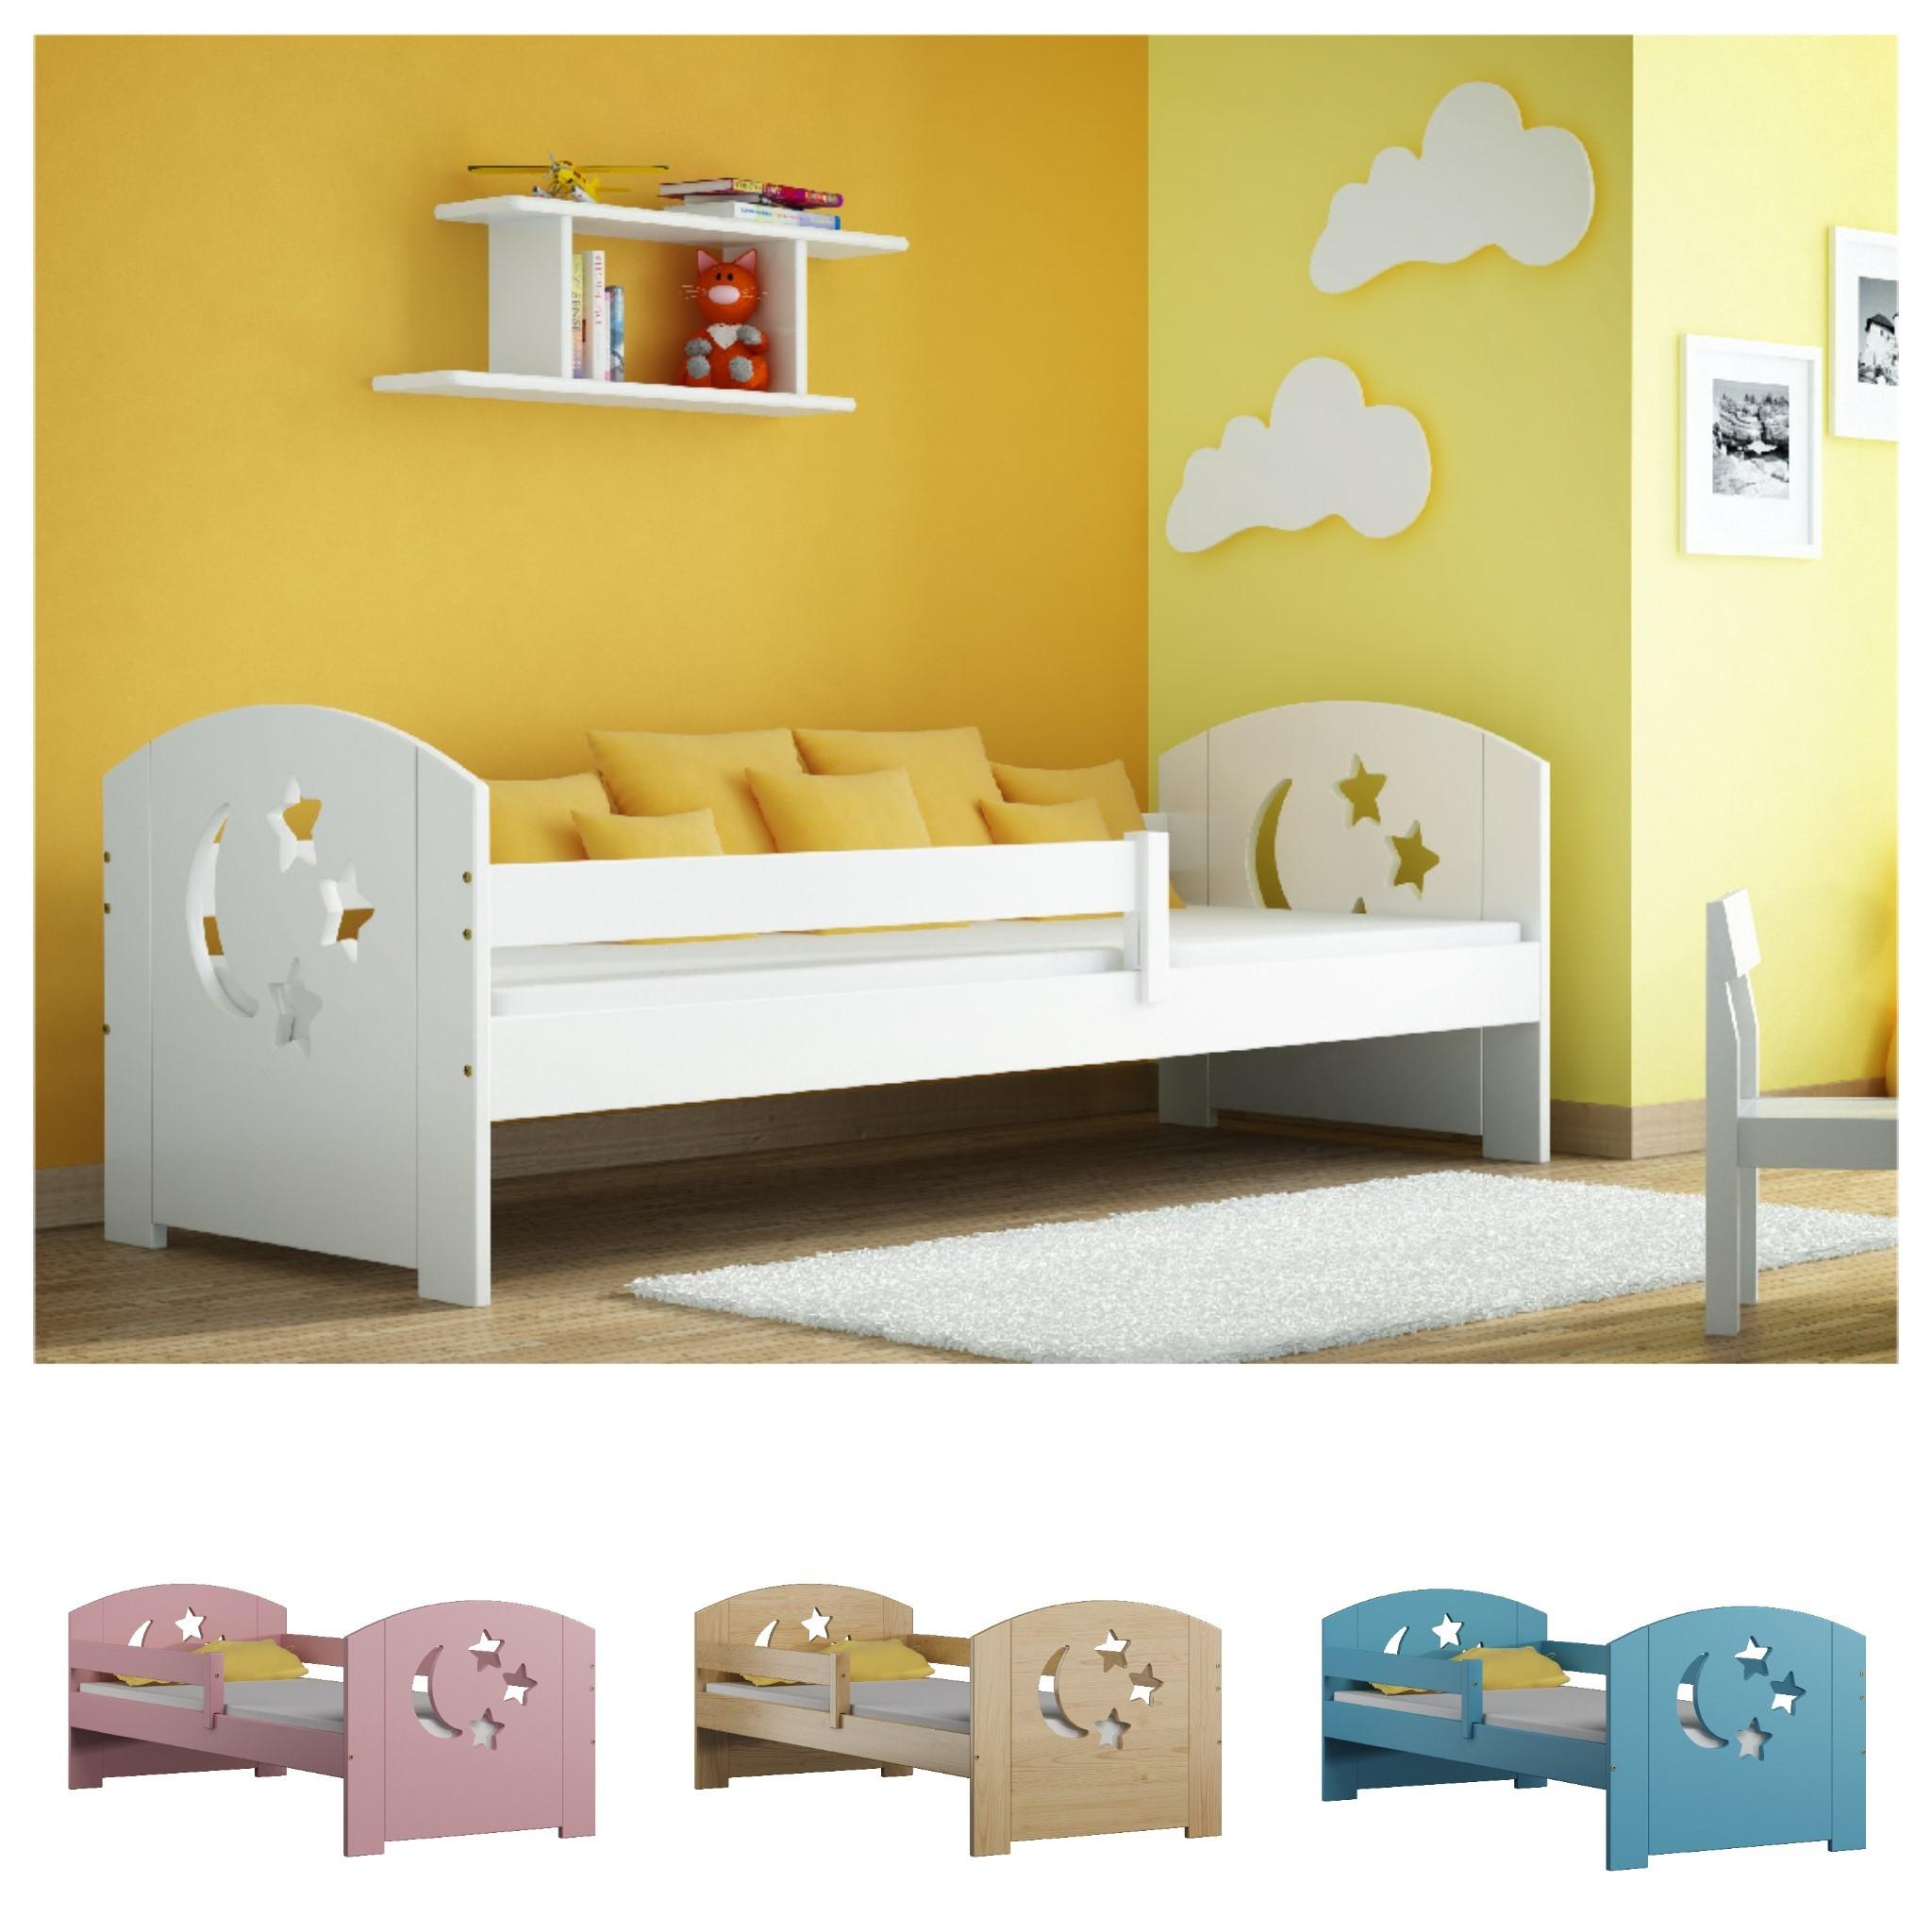 Egyszemélyes ágy - Lily For Kids Gyermekek Kisgyermek Junior